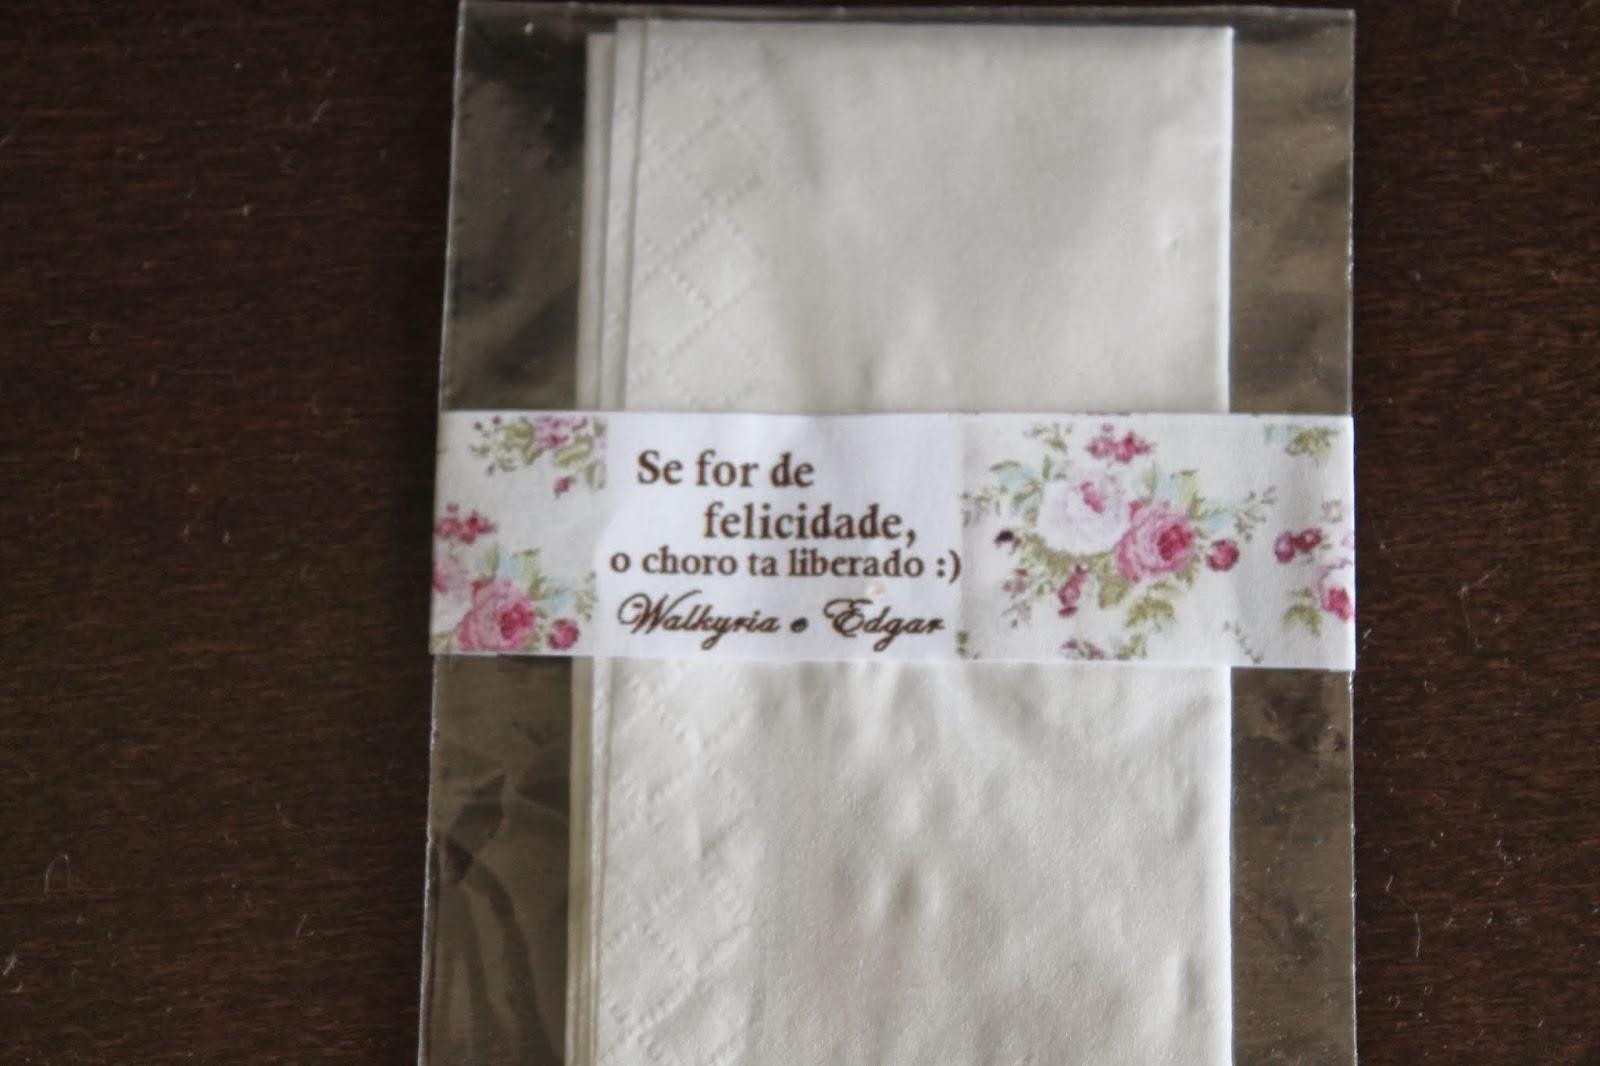 de alegria dos convidados lencinhos em cada banco da igreja #30221B 1600x1066